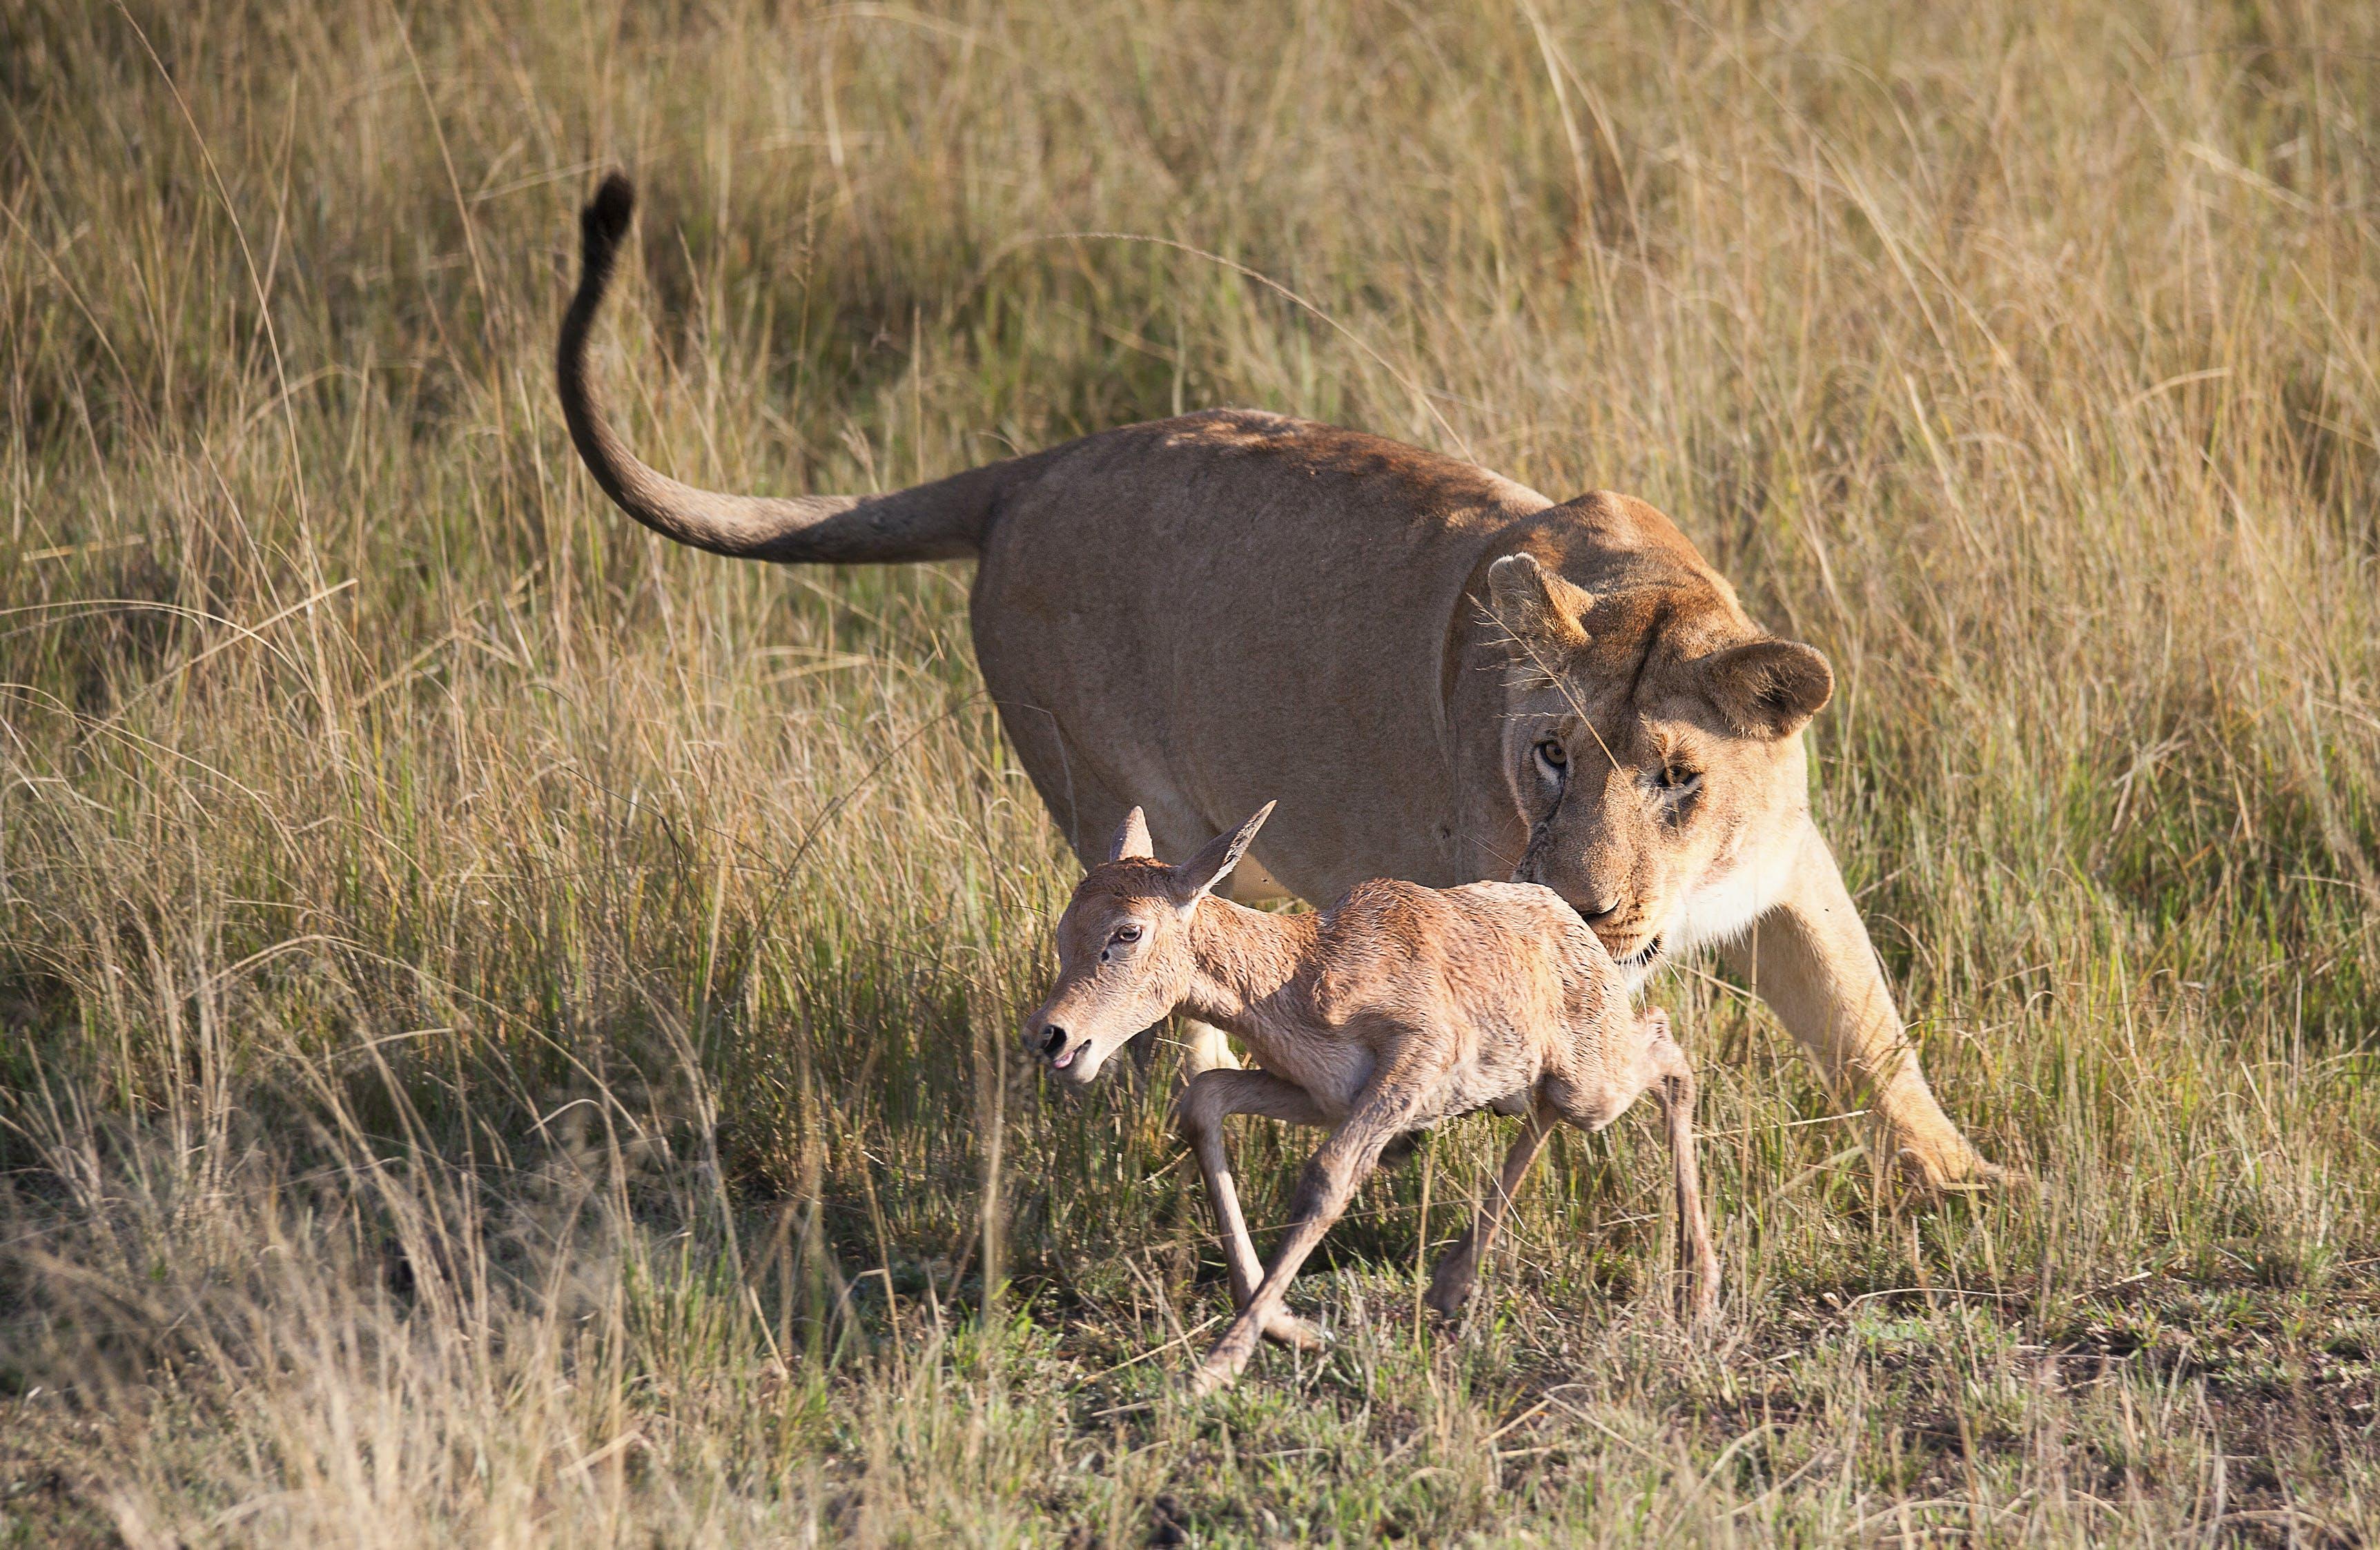 公園, 動物, 哺乳動物, 天性 的 免費圖庫相片